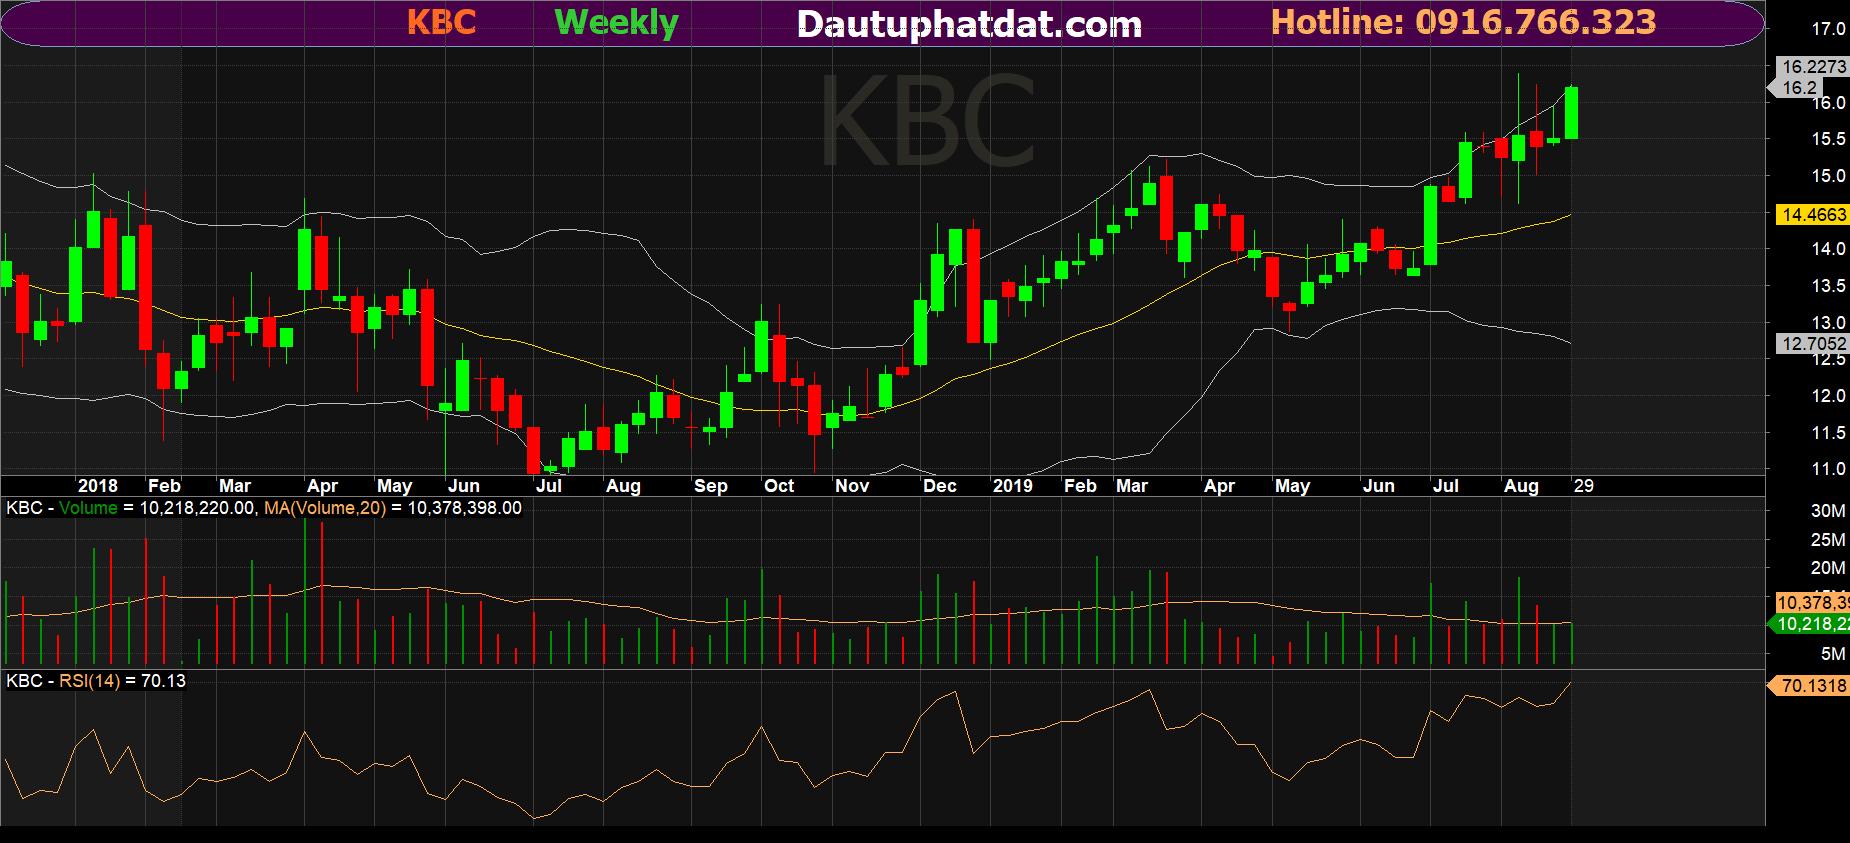 Đồ thị tuần cổ phiếu KBC